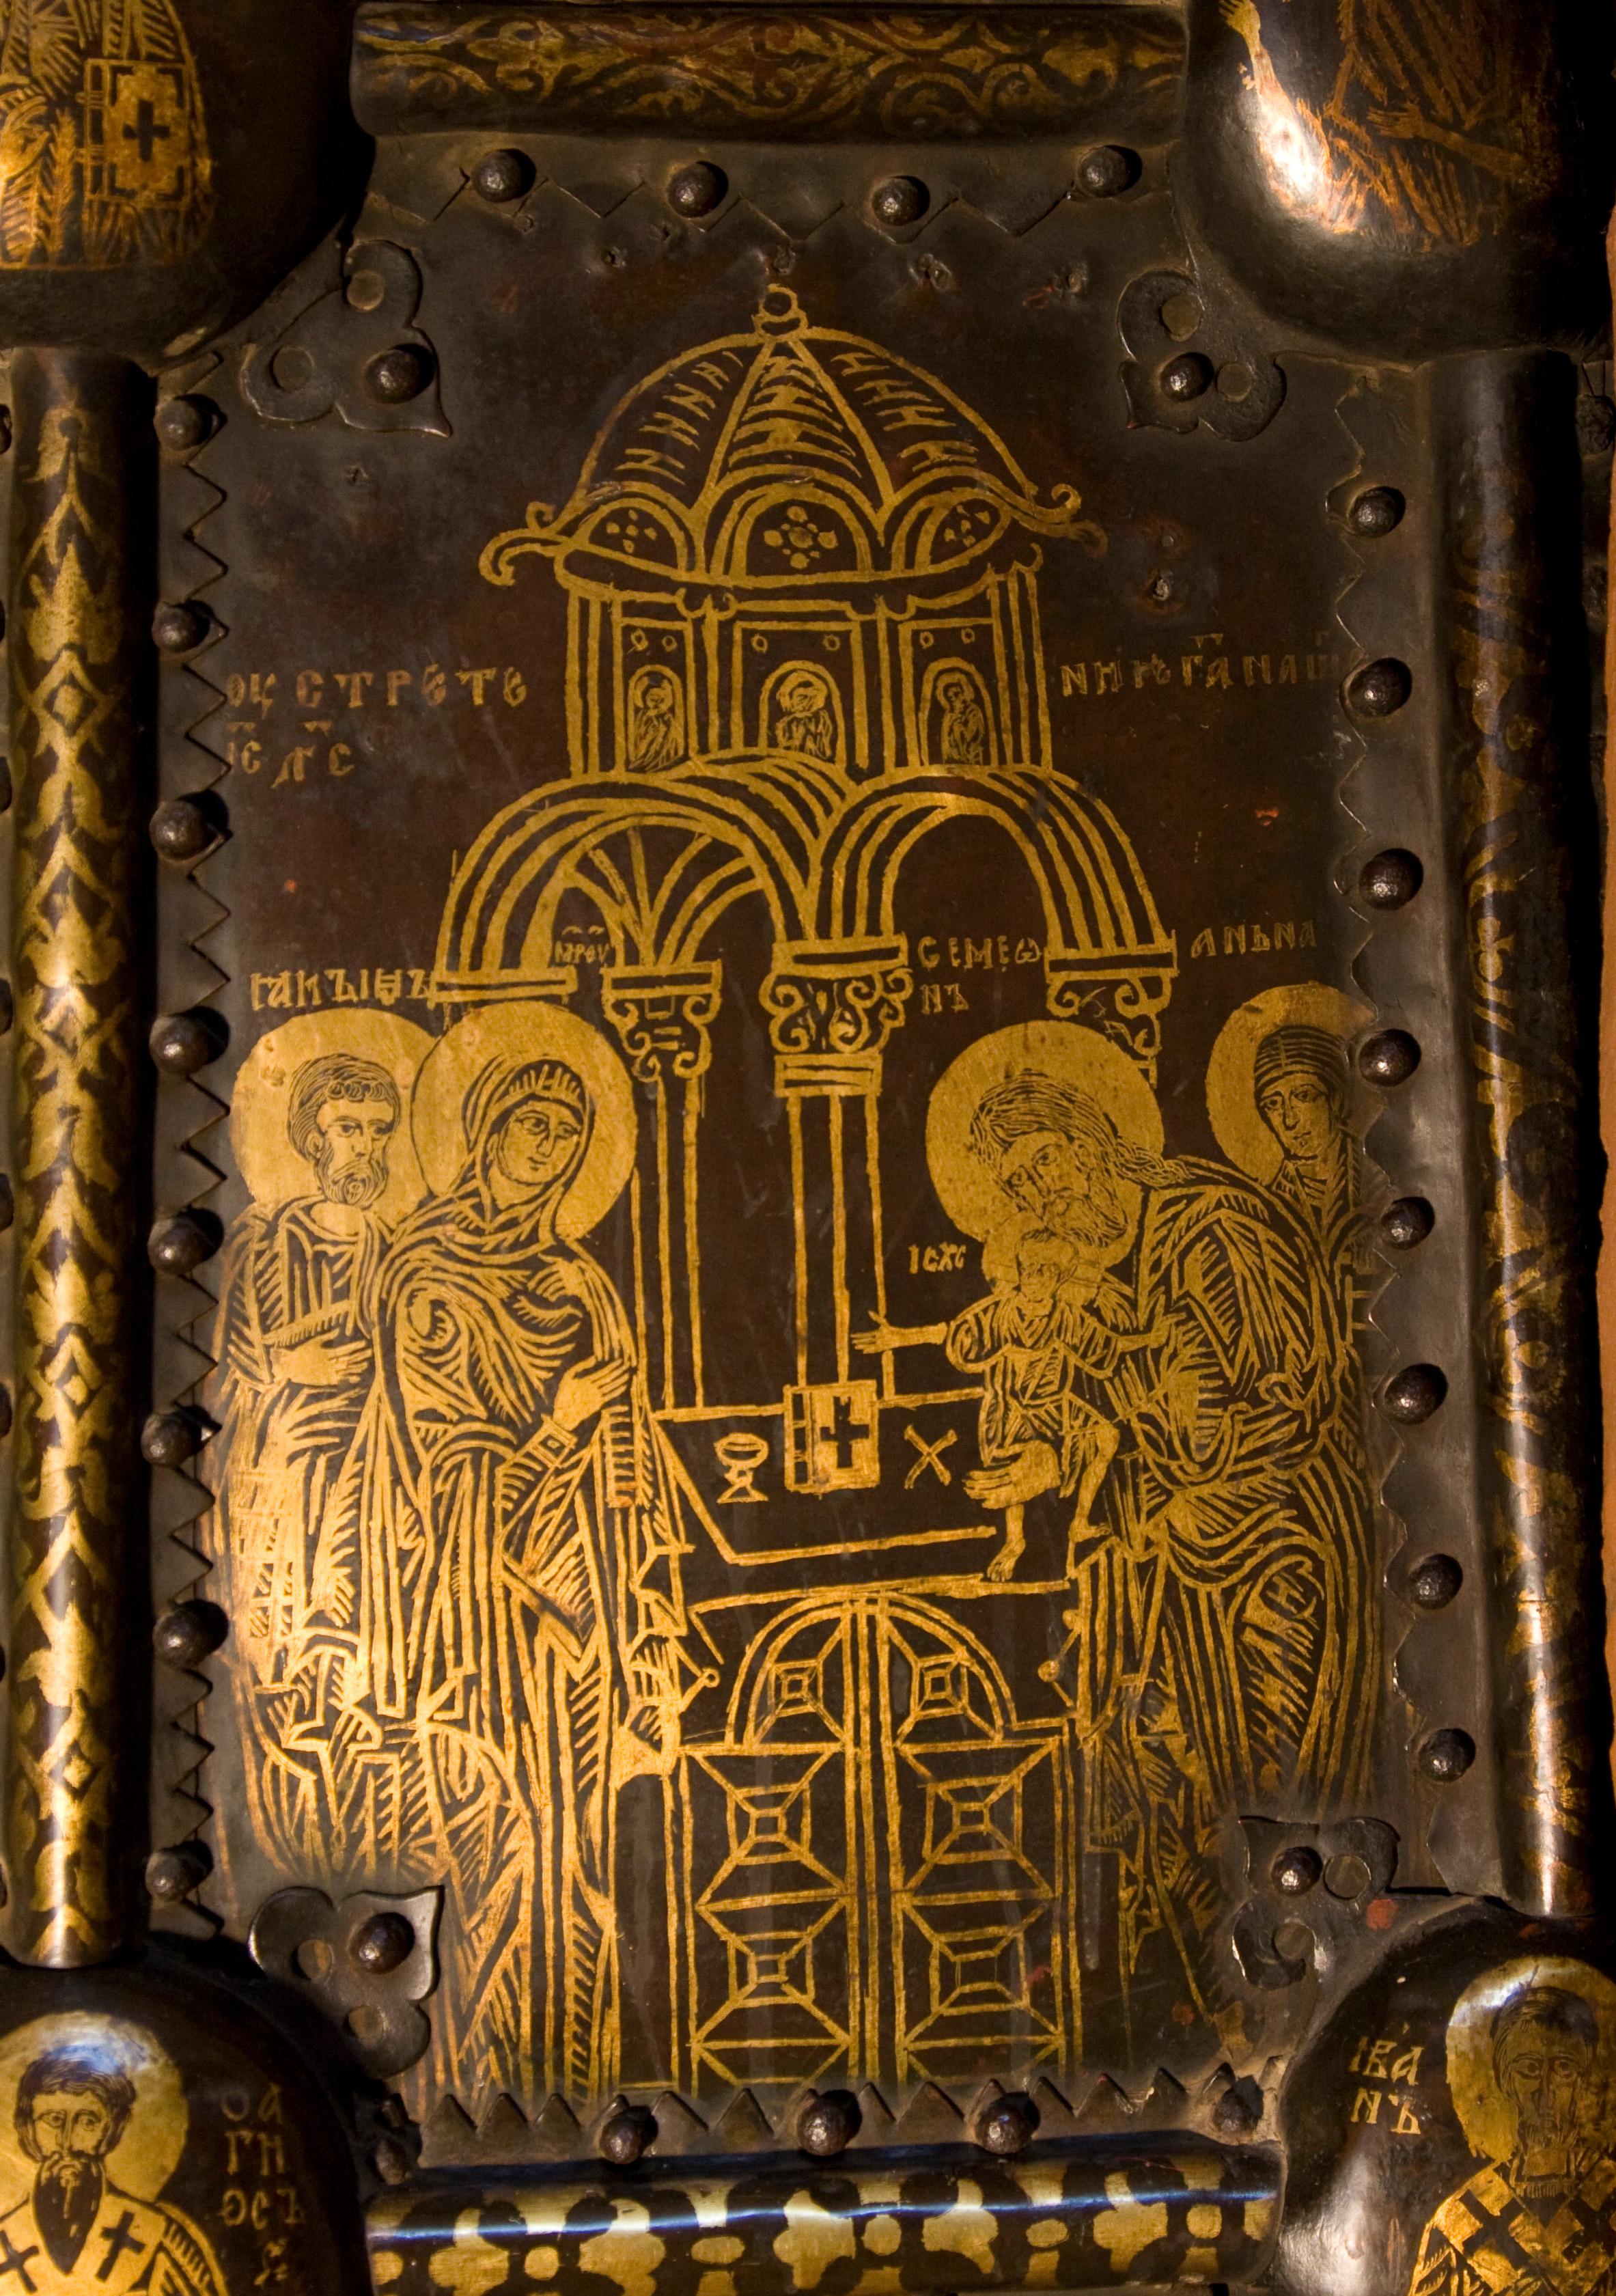 Сретение. Васильевские врата новгородского собора Святой Софии. 1336 г. Фрагмент